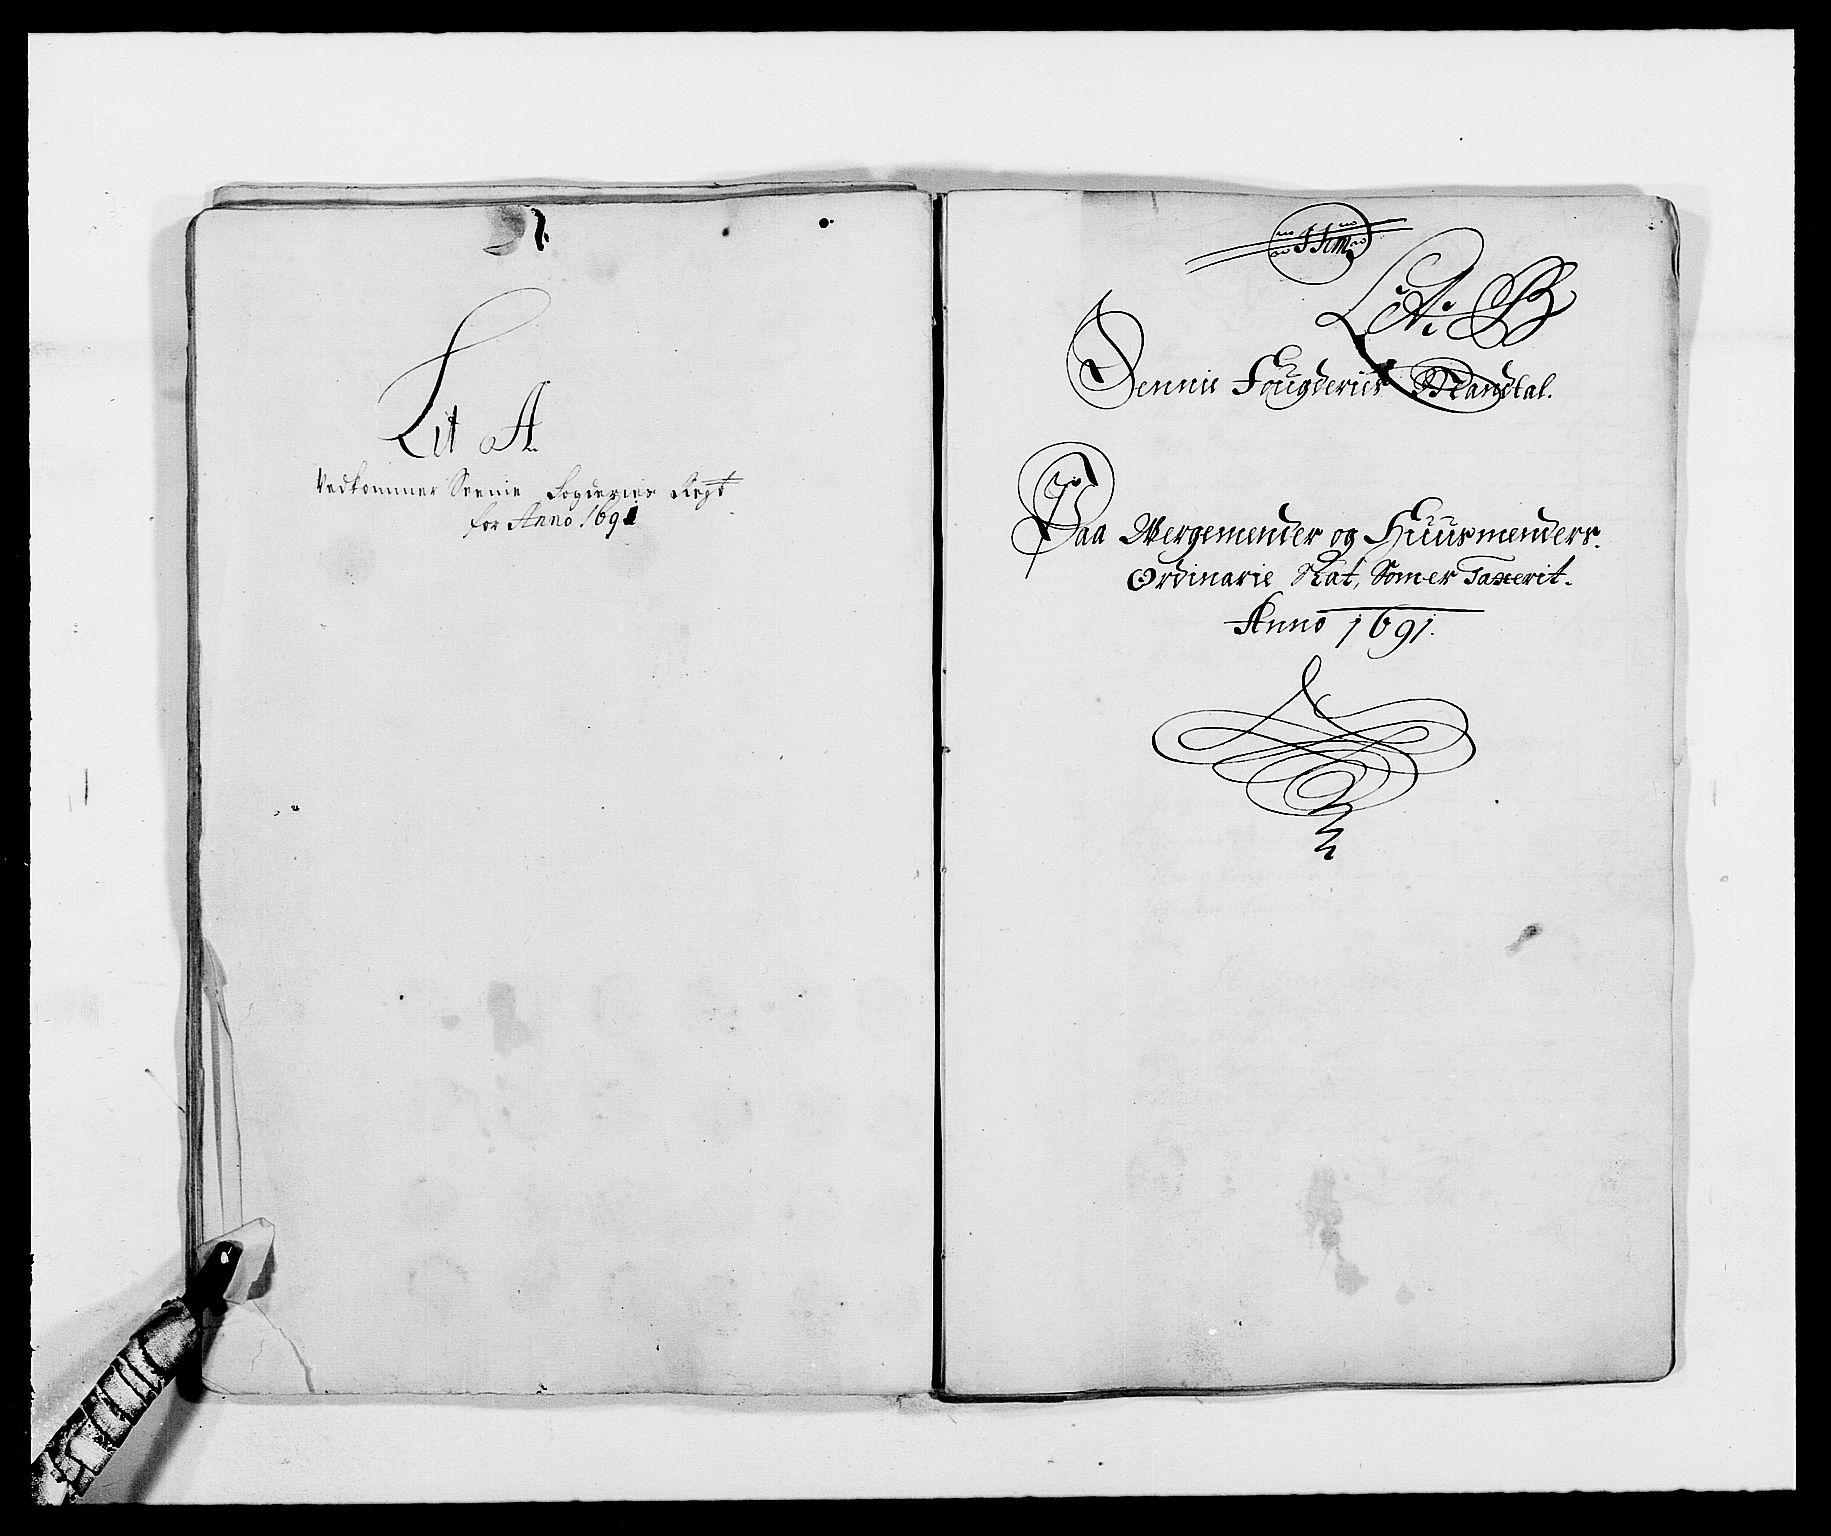 RA, Rentekammeret inntil 1814, Reviderte regnskaper, Fogderegnskap, R68/L4752: Fogderegnskap Senja og Troms, 1691-1693, s. 31